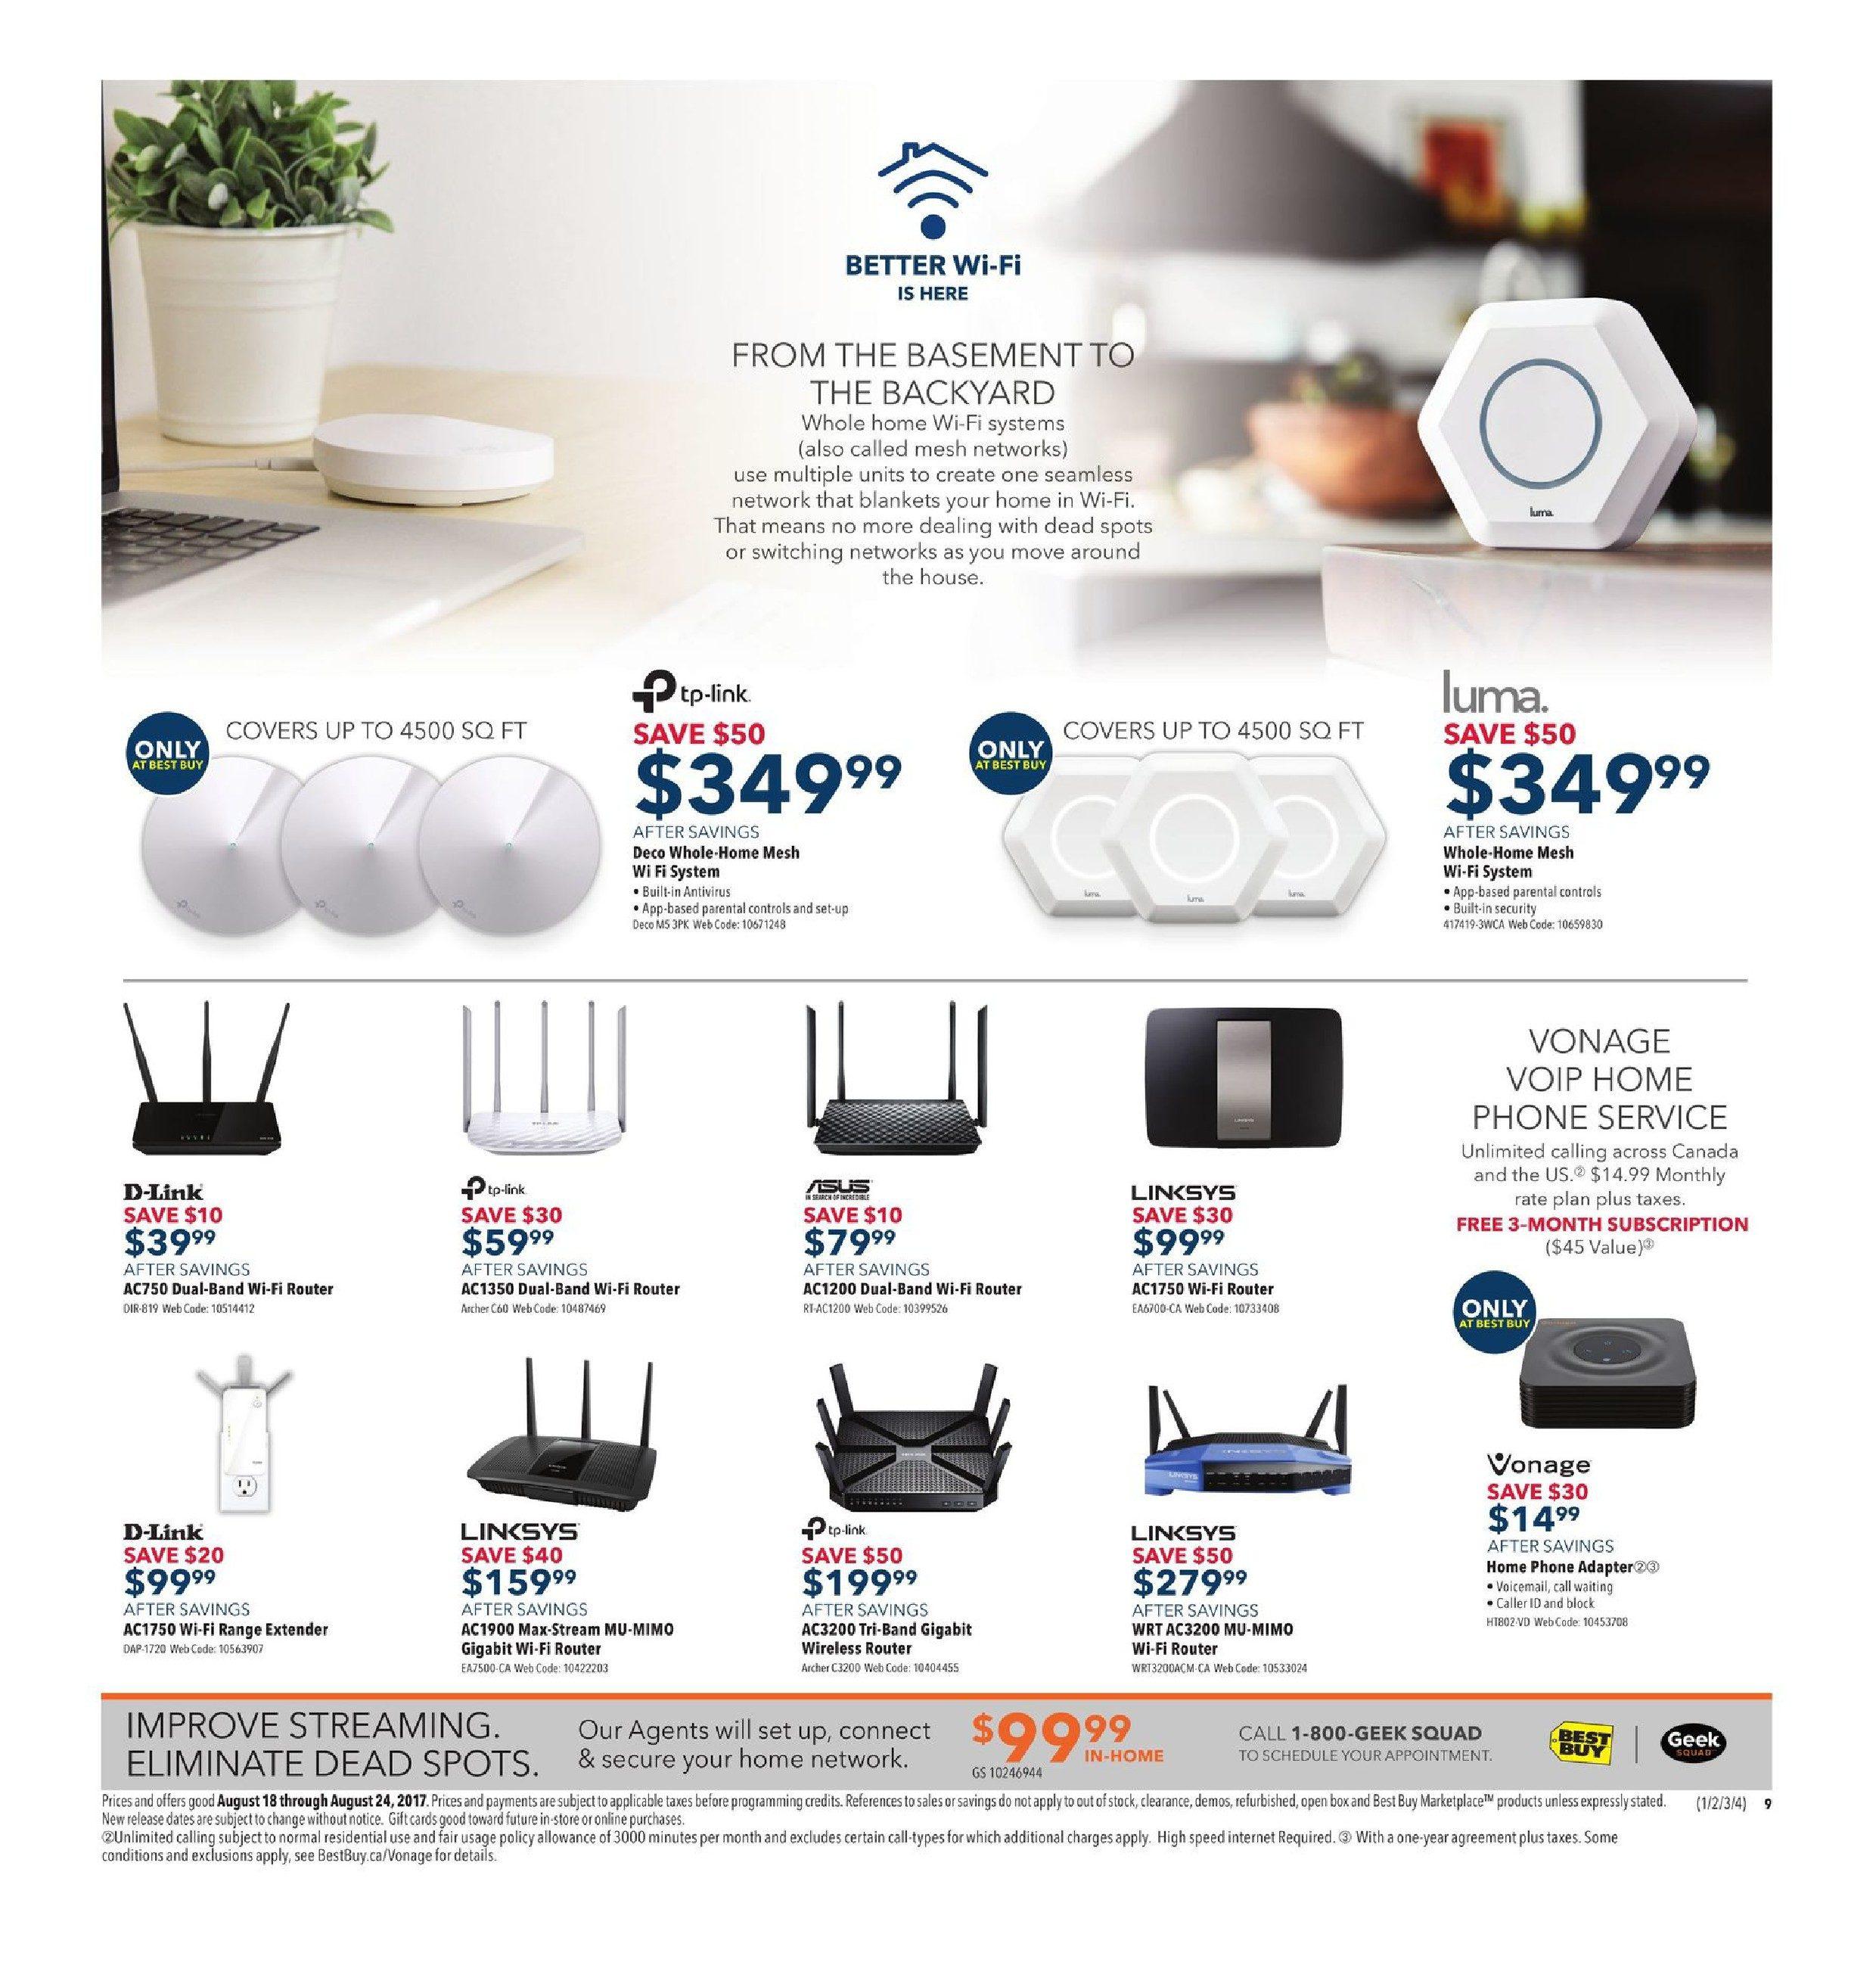 f369804cd2b Best Buy Weekly Flyer - Weekly - Back To School Savings - Aug 18 – 24 -  RedFlagDeals.com